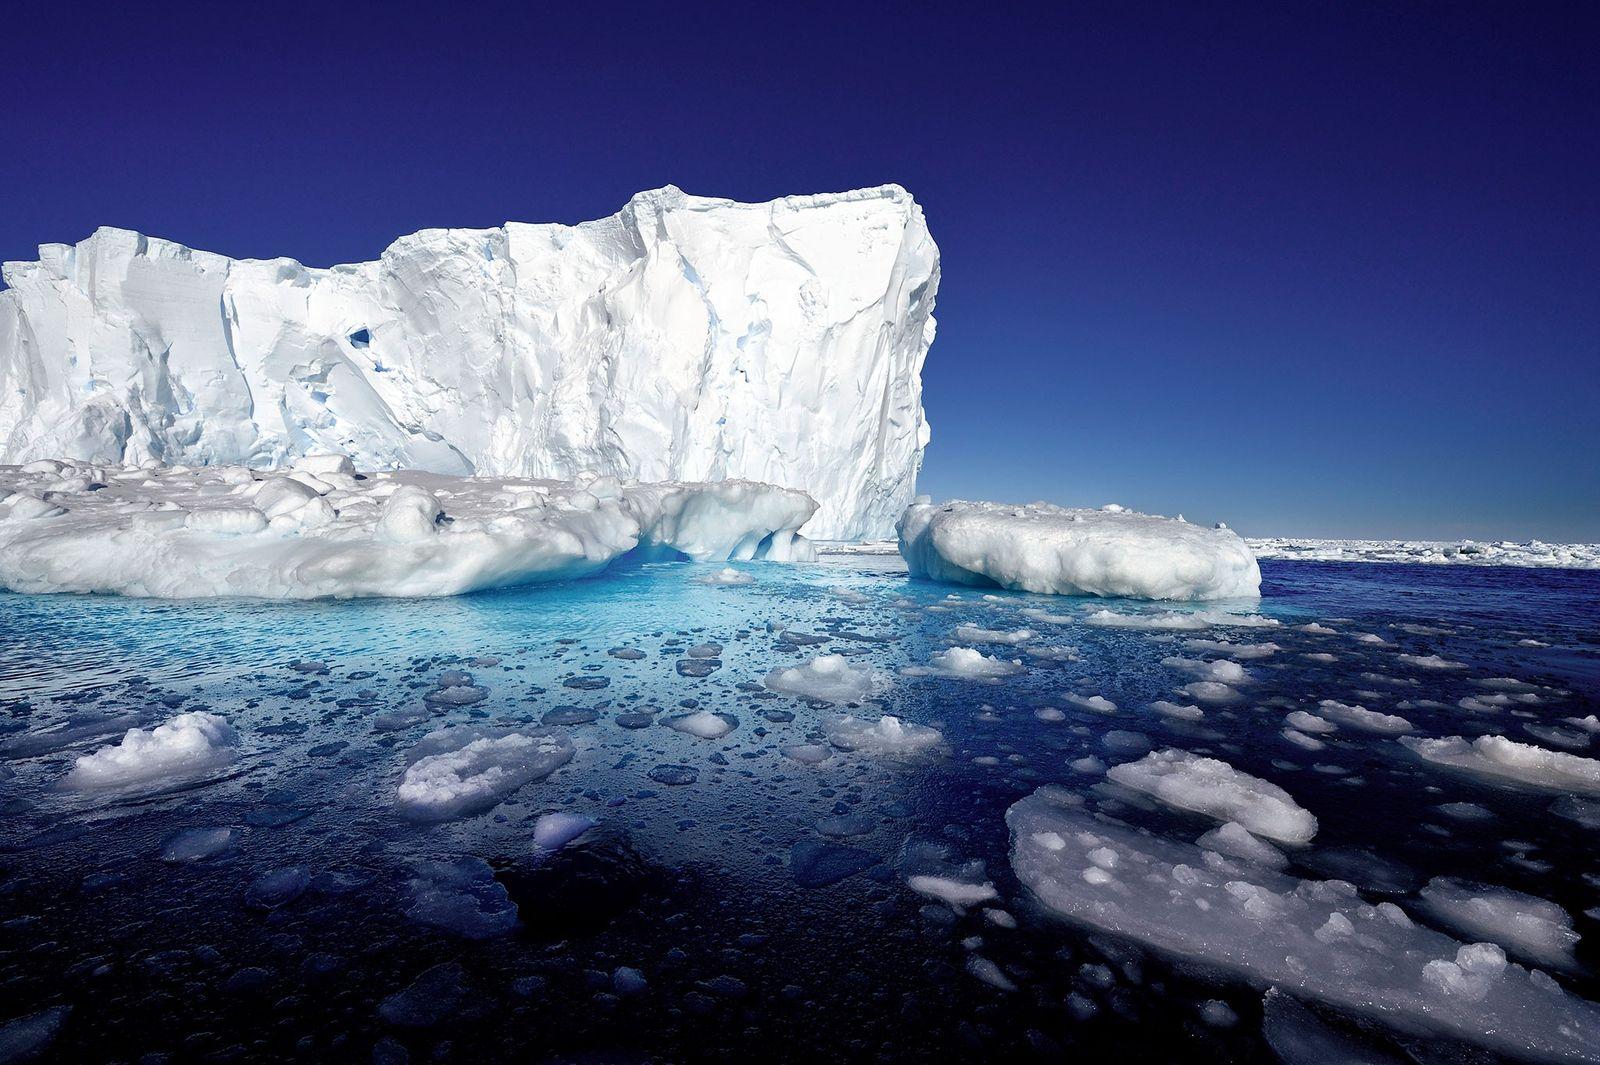 L'élévation du niveau de la mer pourrait être inférieure aux prévisions les plus pessimistes